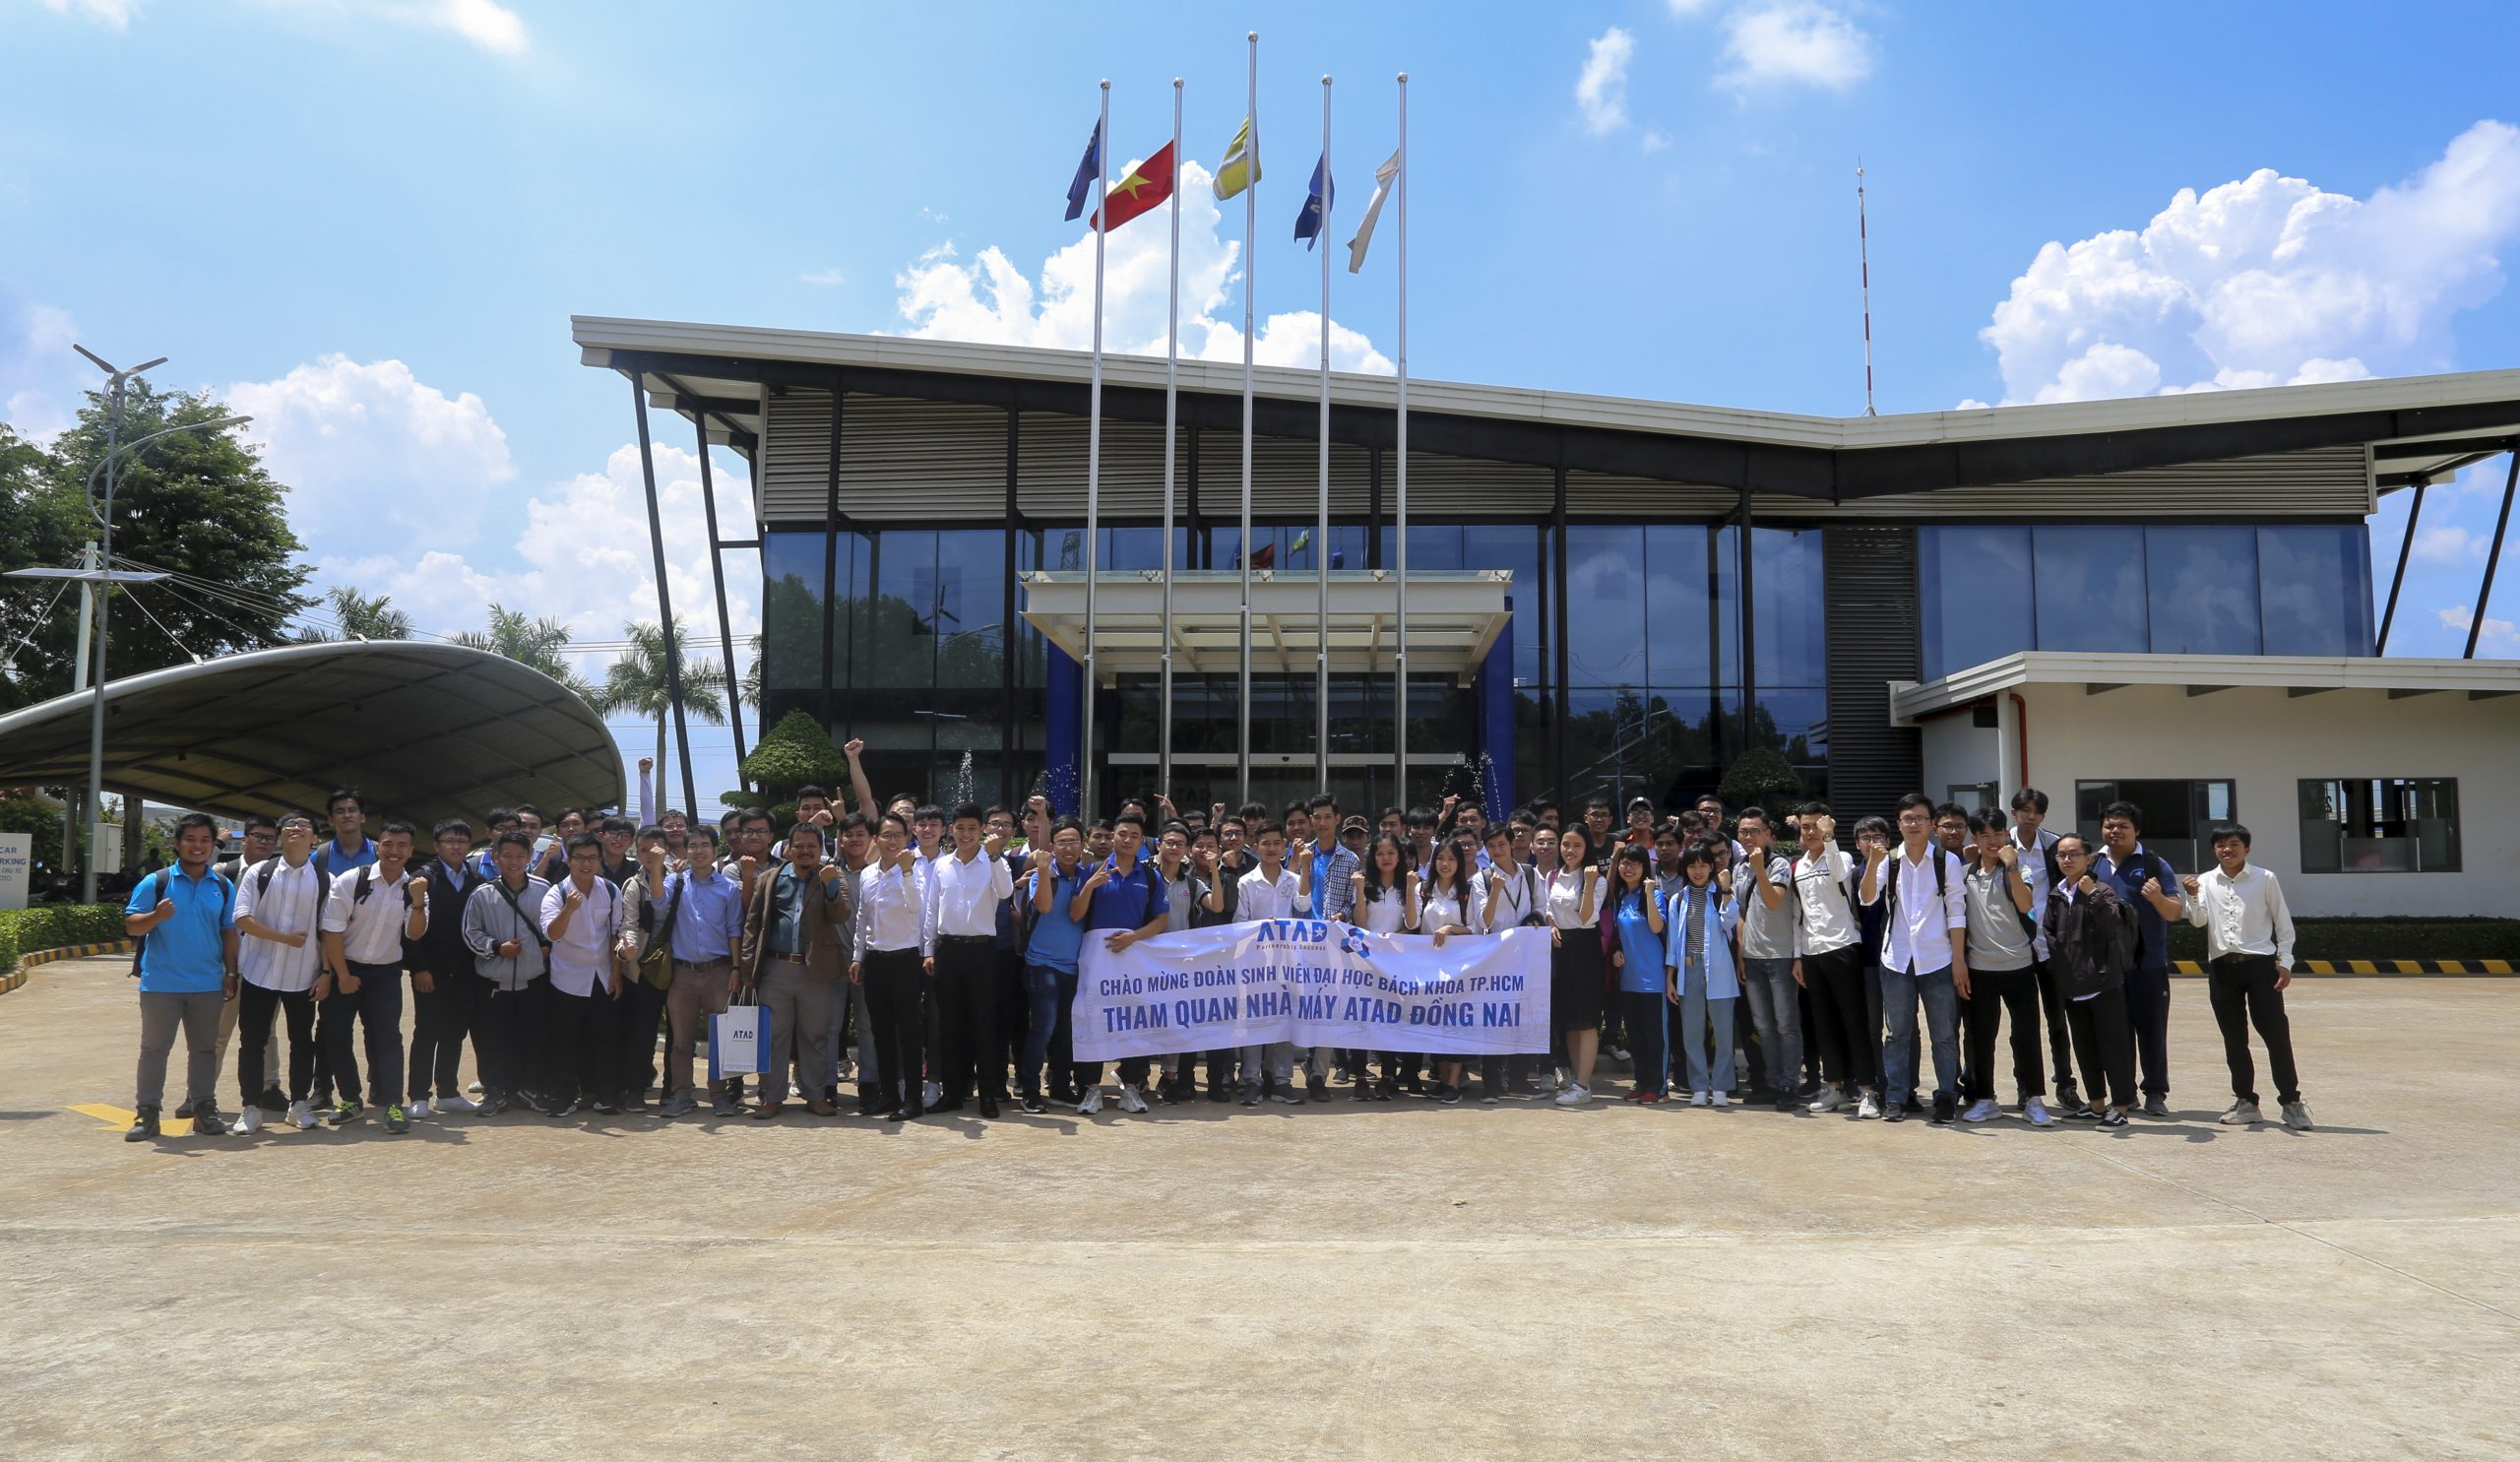 Đoàn sinh viên Đại học Bách Khoa TP. HCM tham quan trải nghiệm thực tế tại nhà máy ATAD Đồng Nai